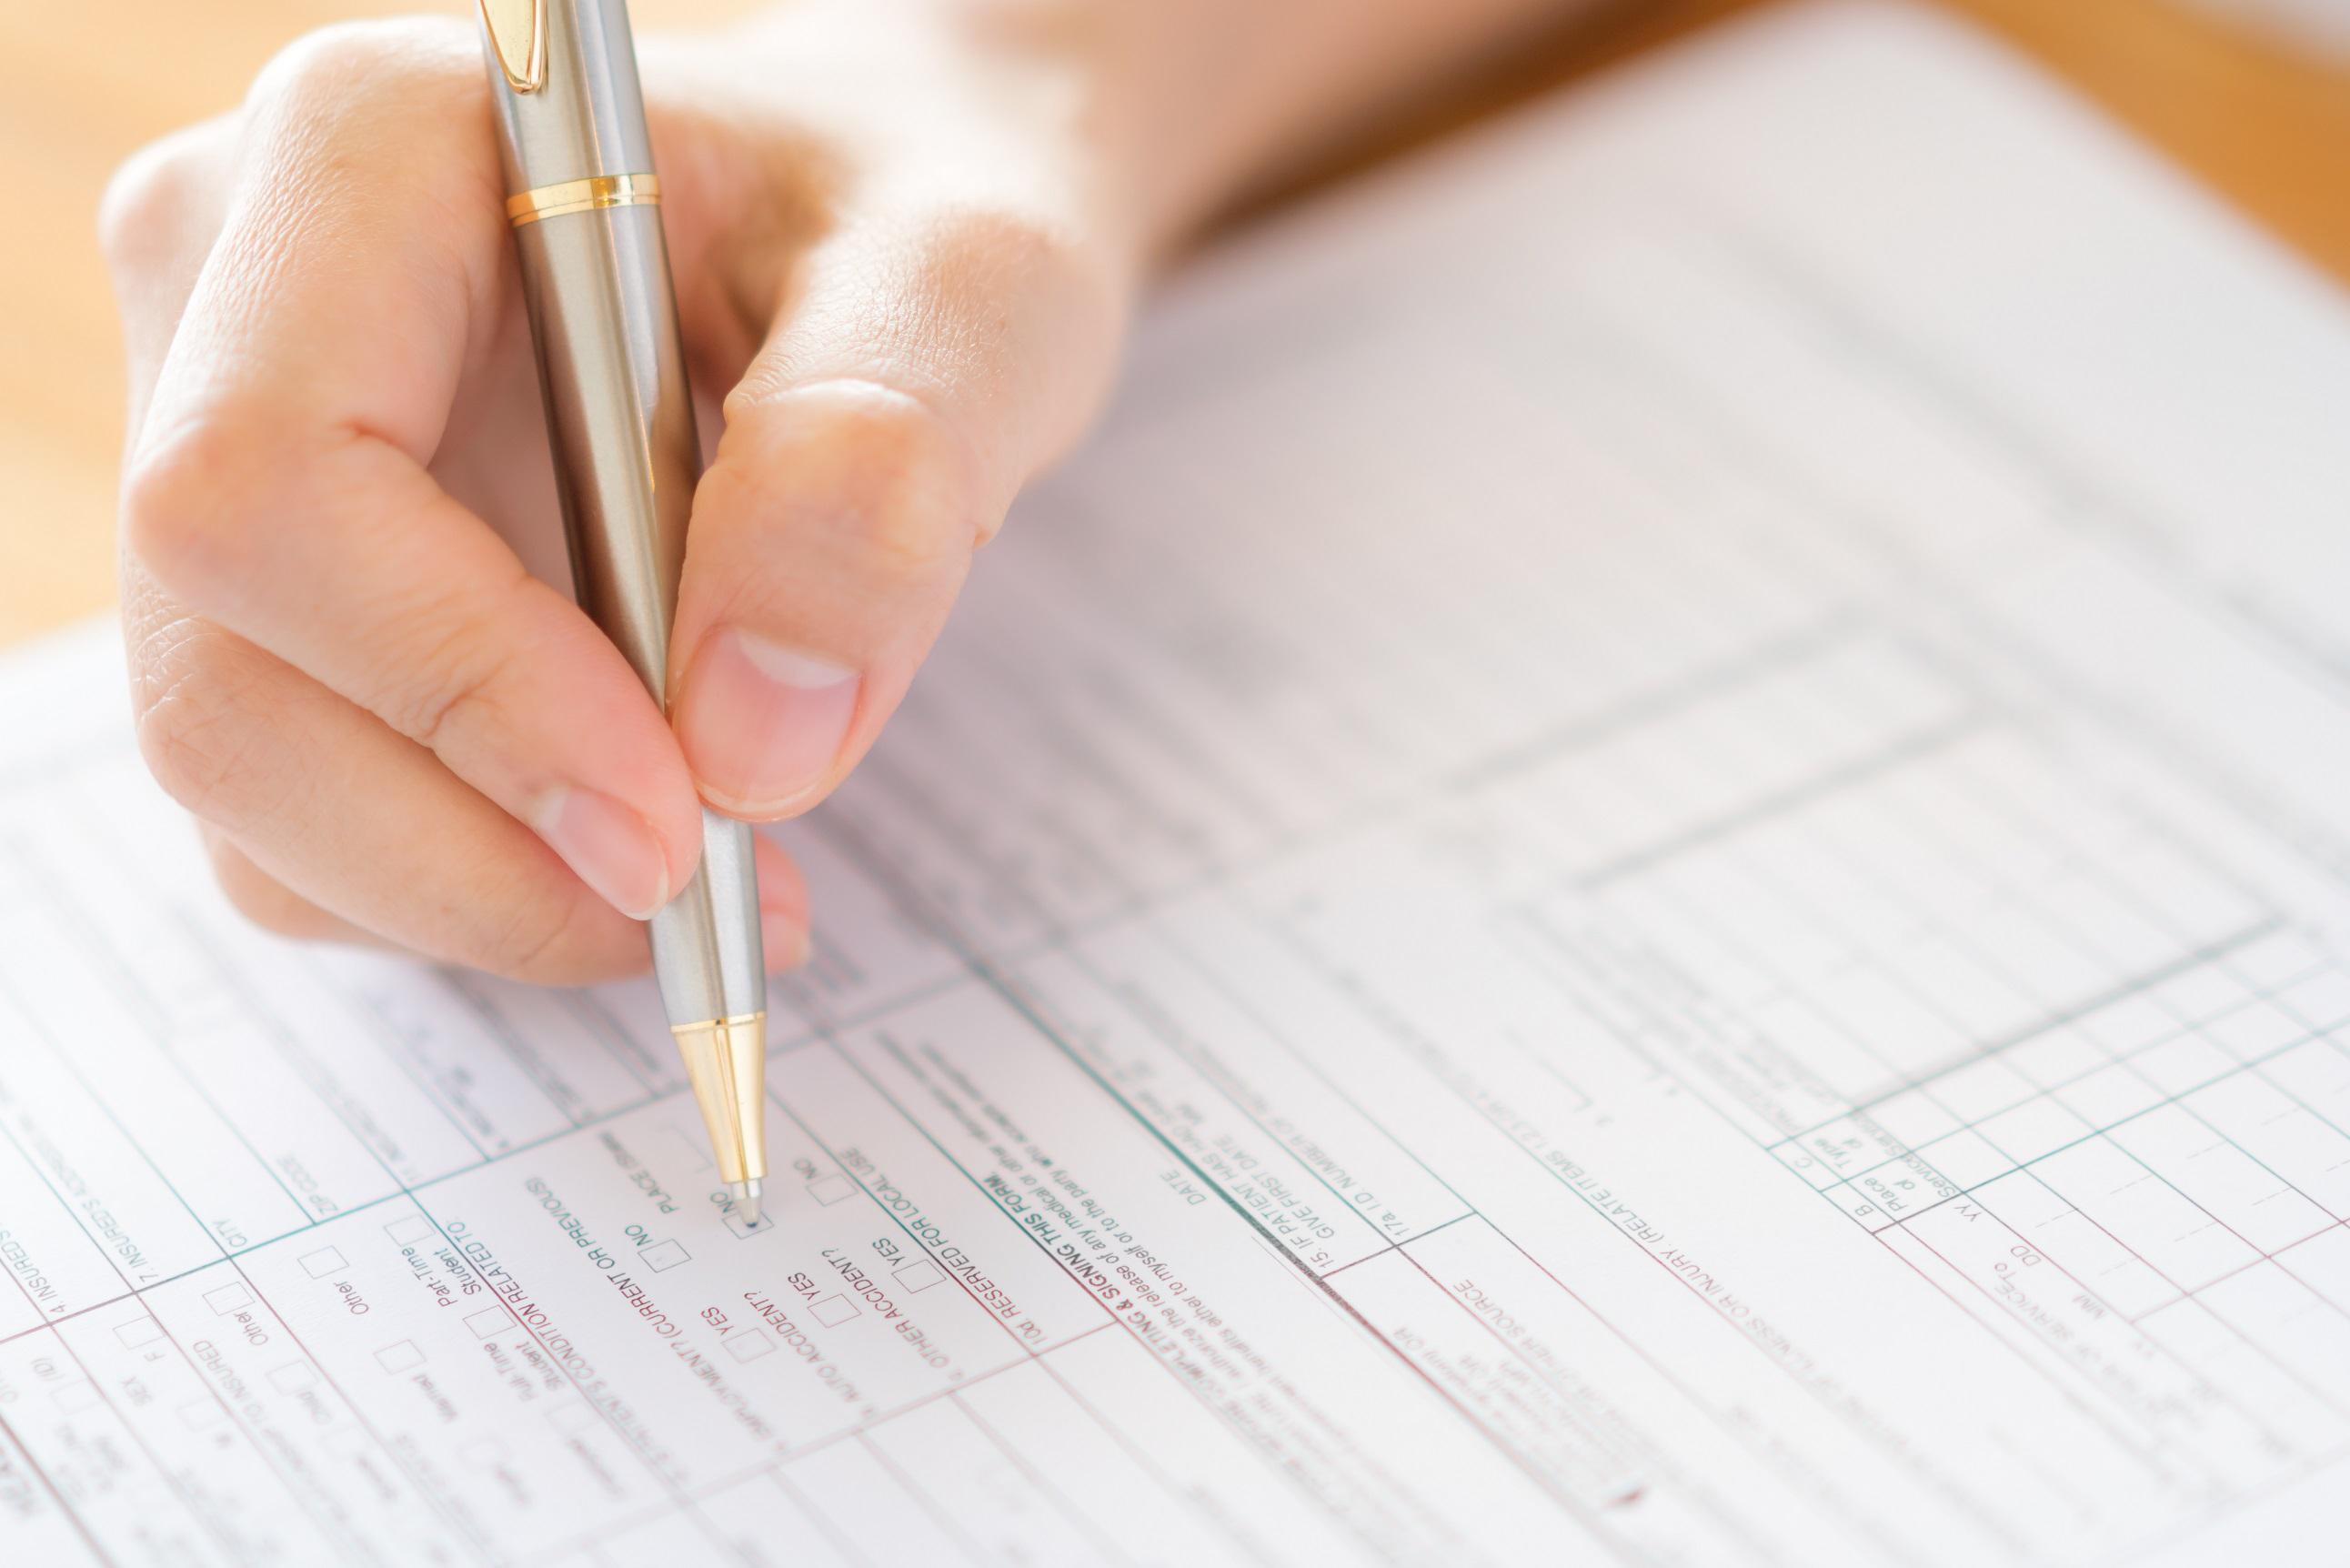 Справка о кредитоспособности из Schufa. Как получить бесплатно?